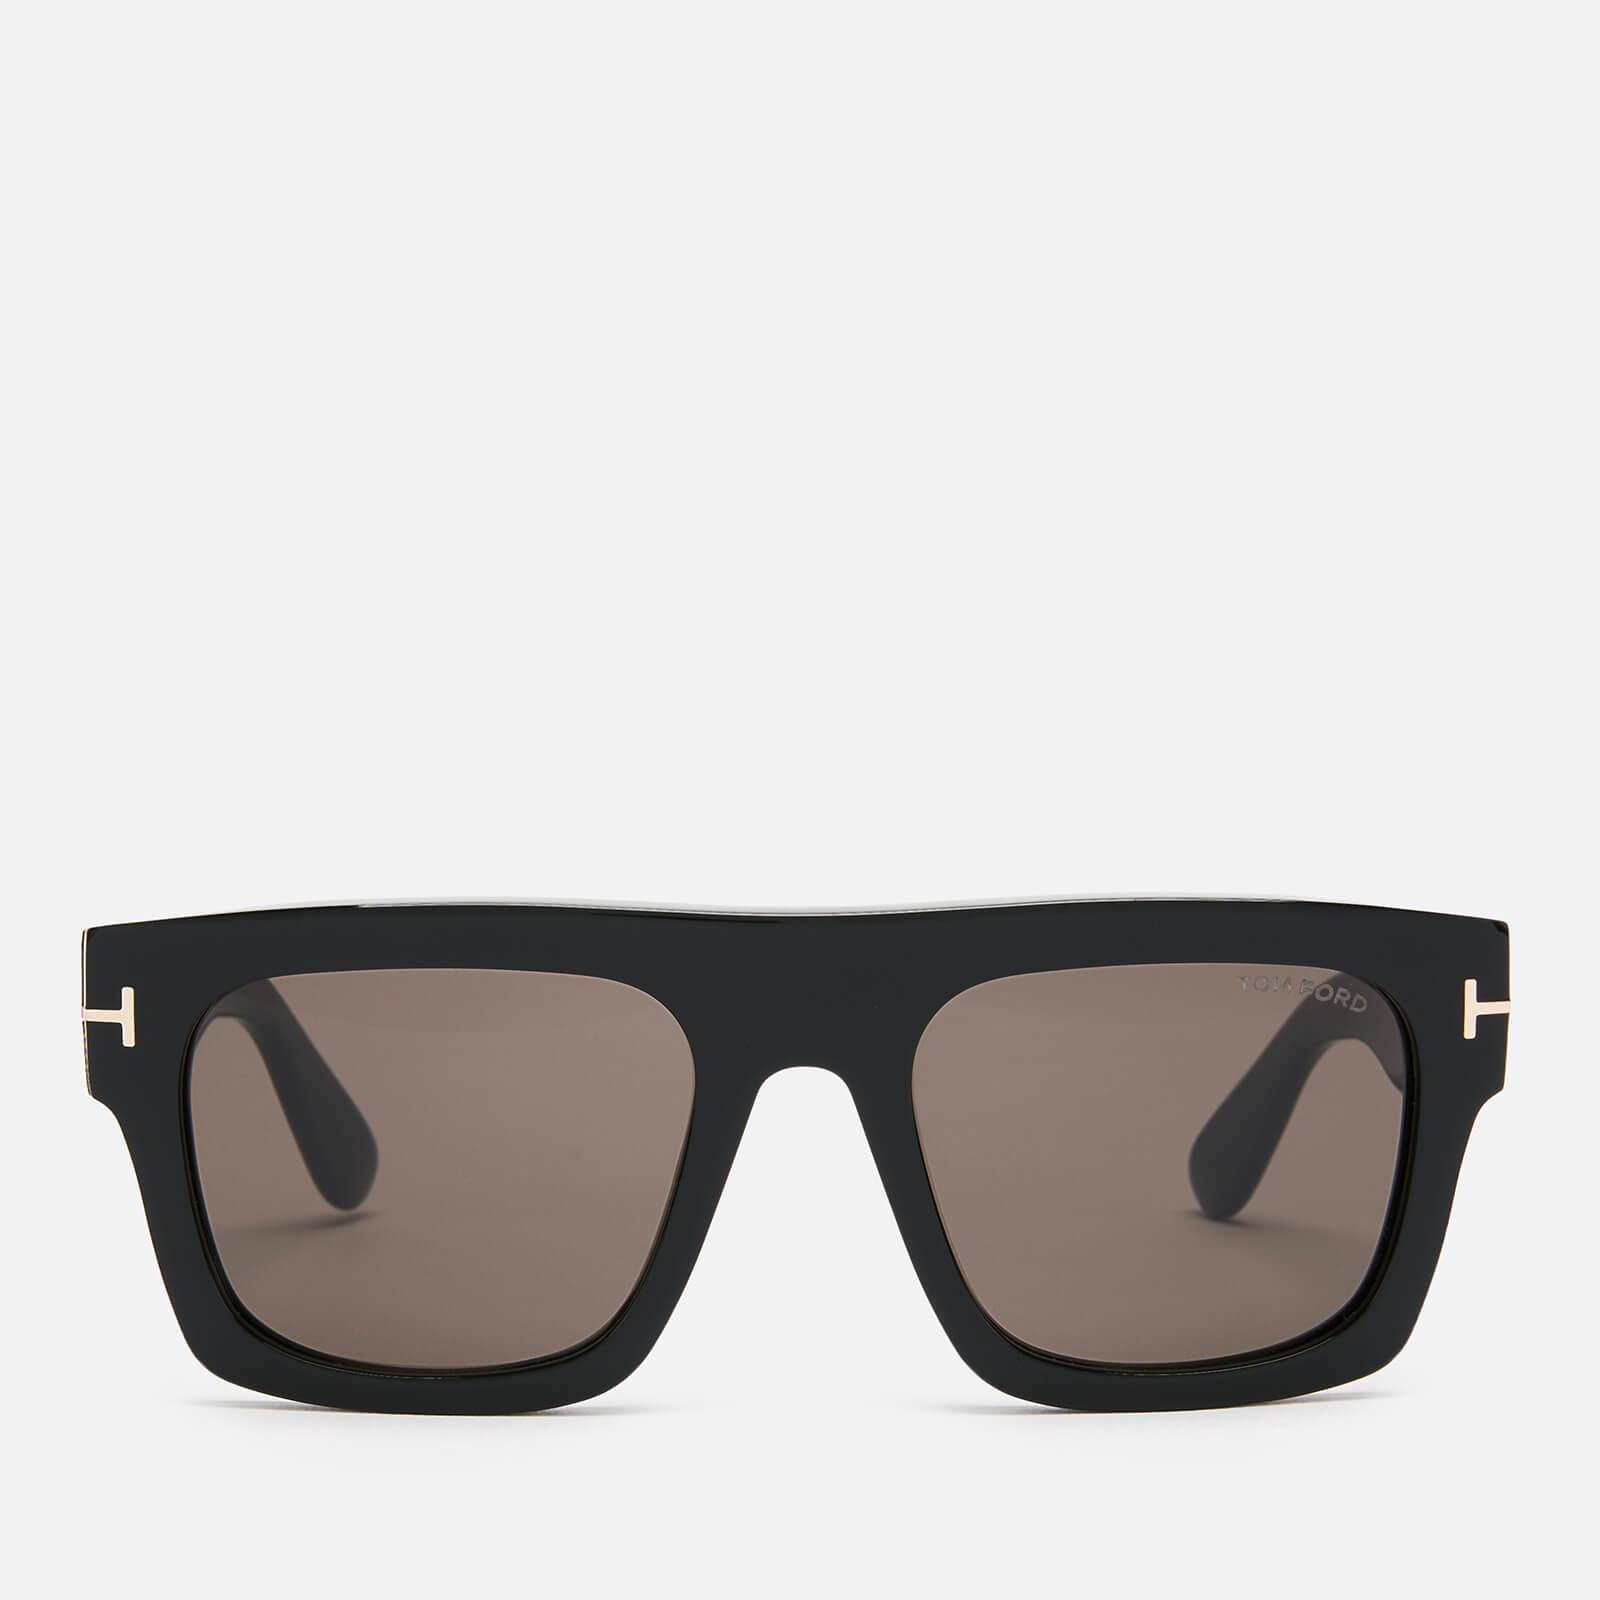 Tom Ford Men's Fausto Sunglasses - Black